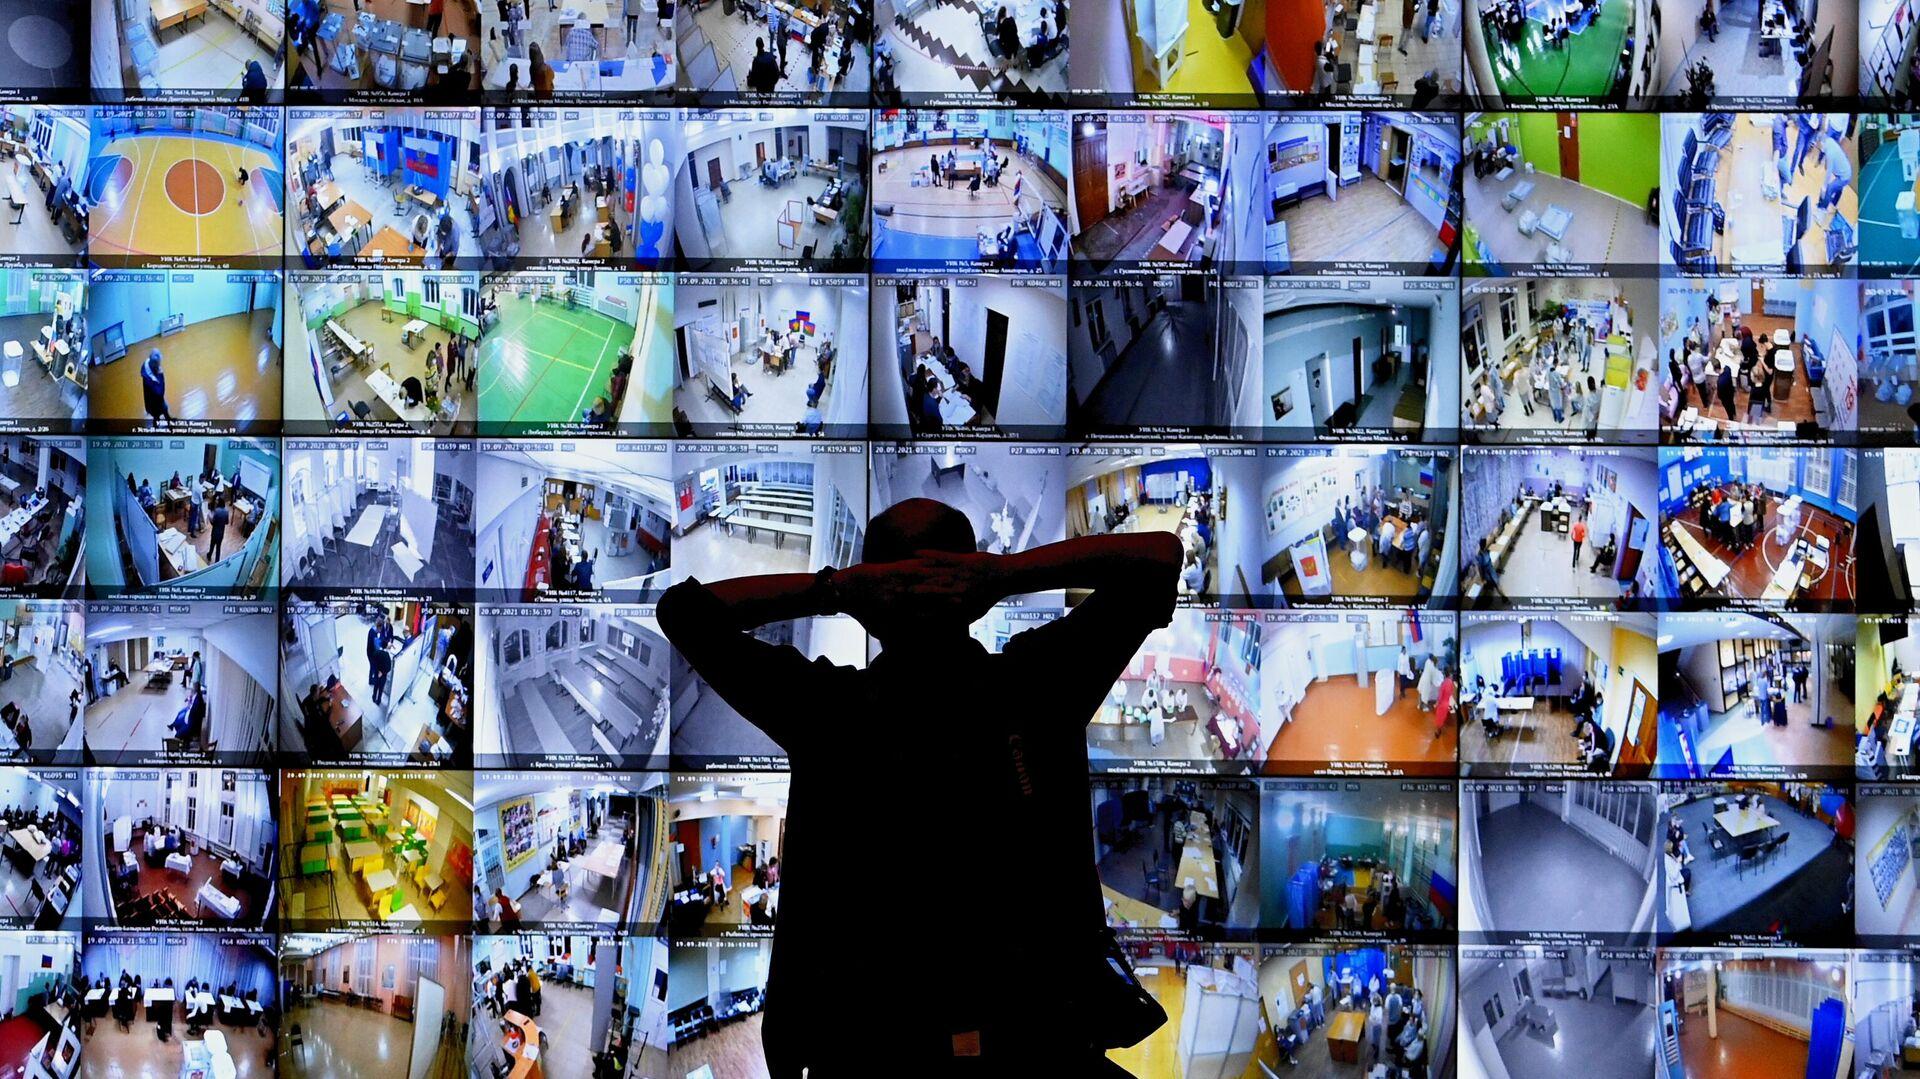 Экраны с участками для голосования в Информационном центре Центральной избирательной комиссии - РИА Новости, 1920, 21.09.2021